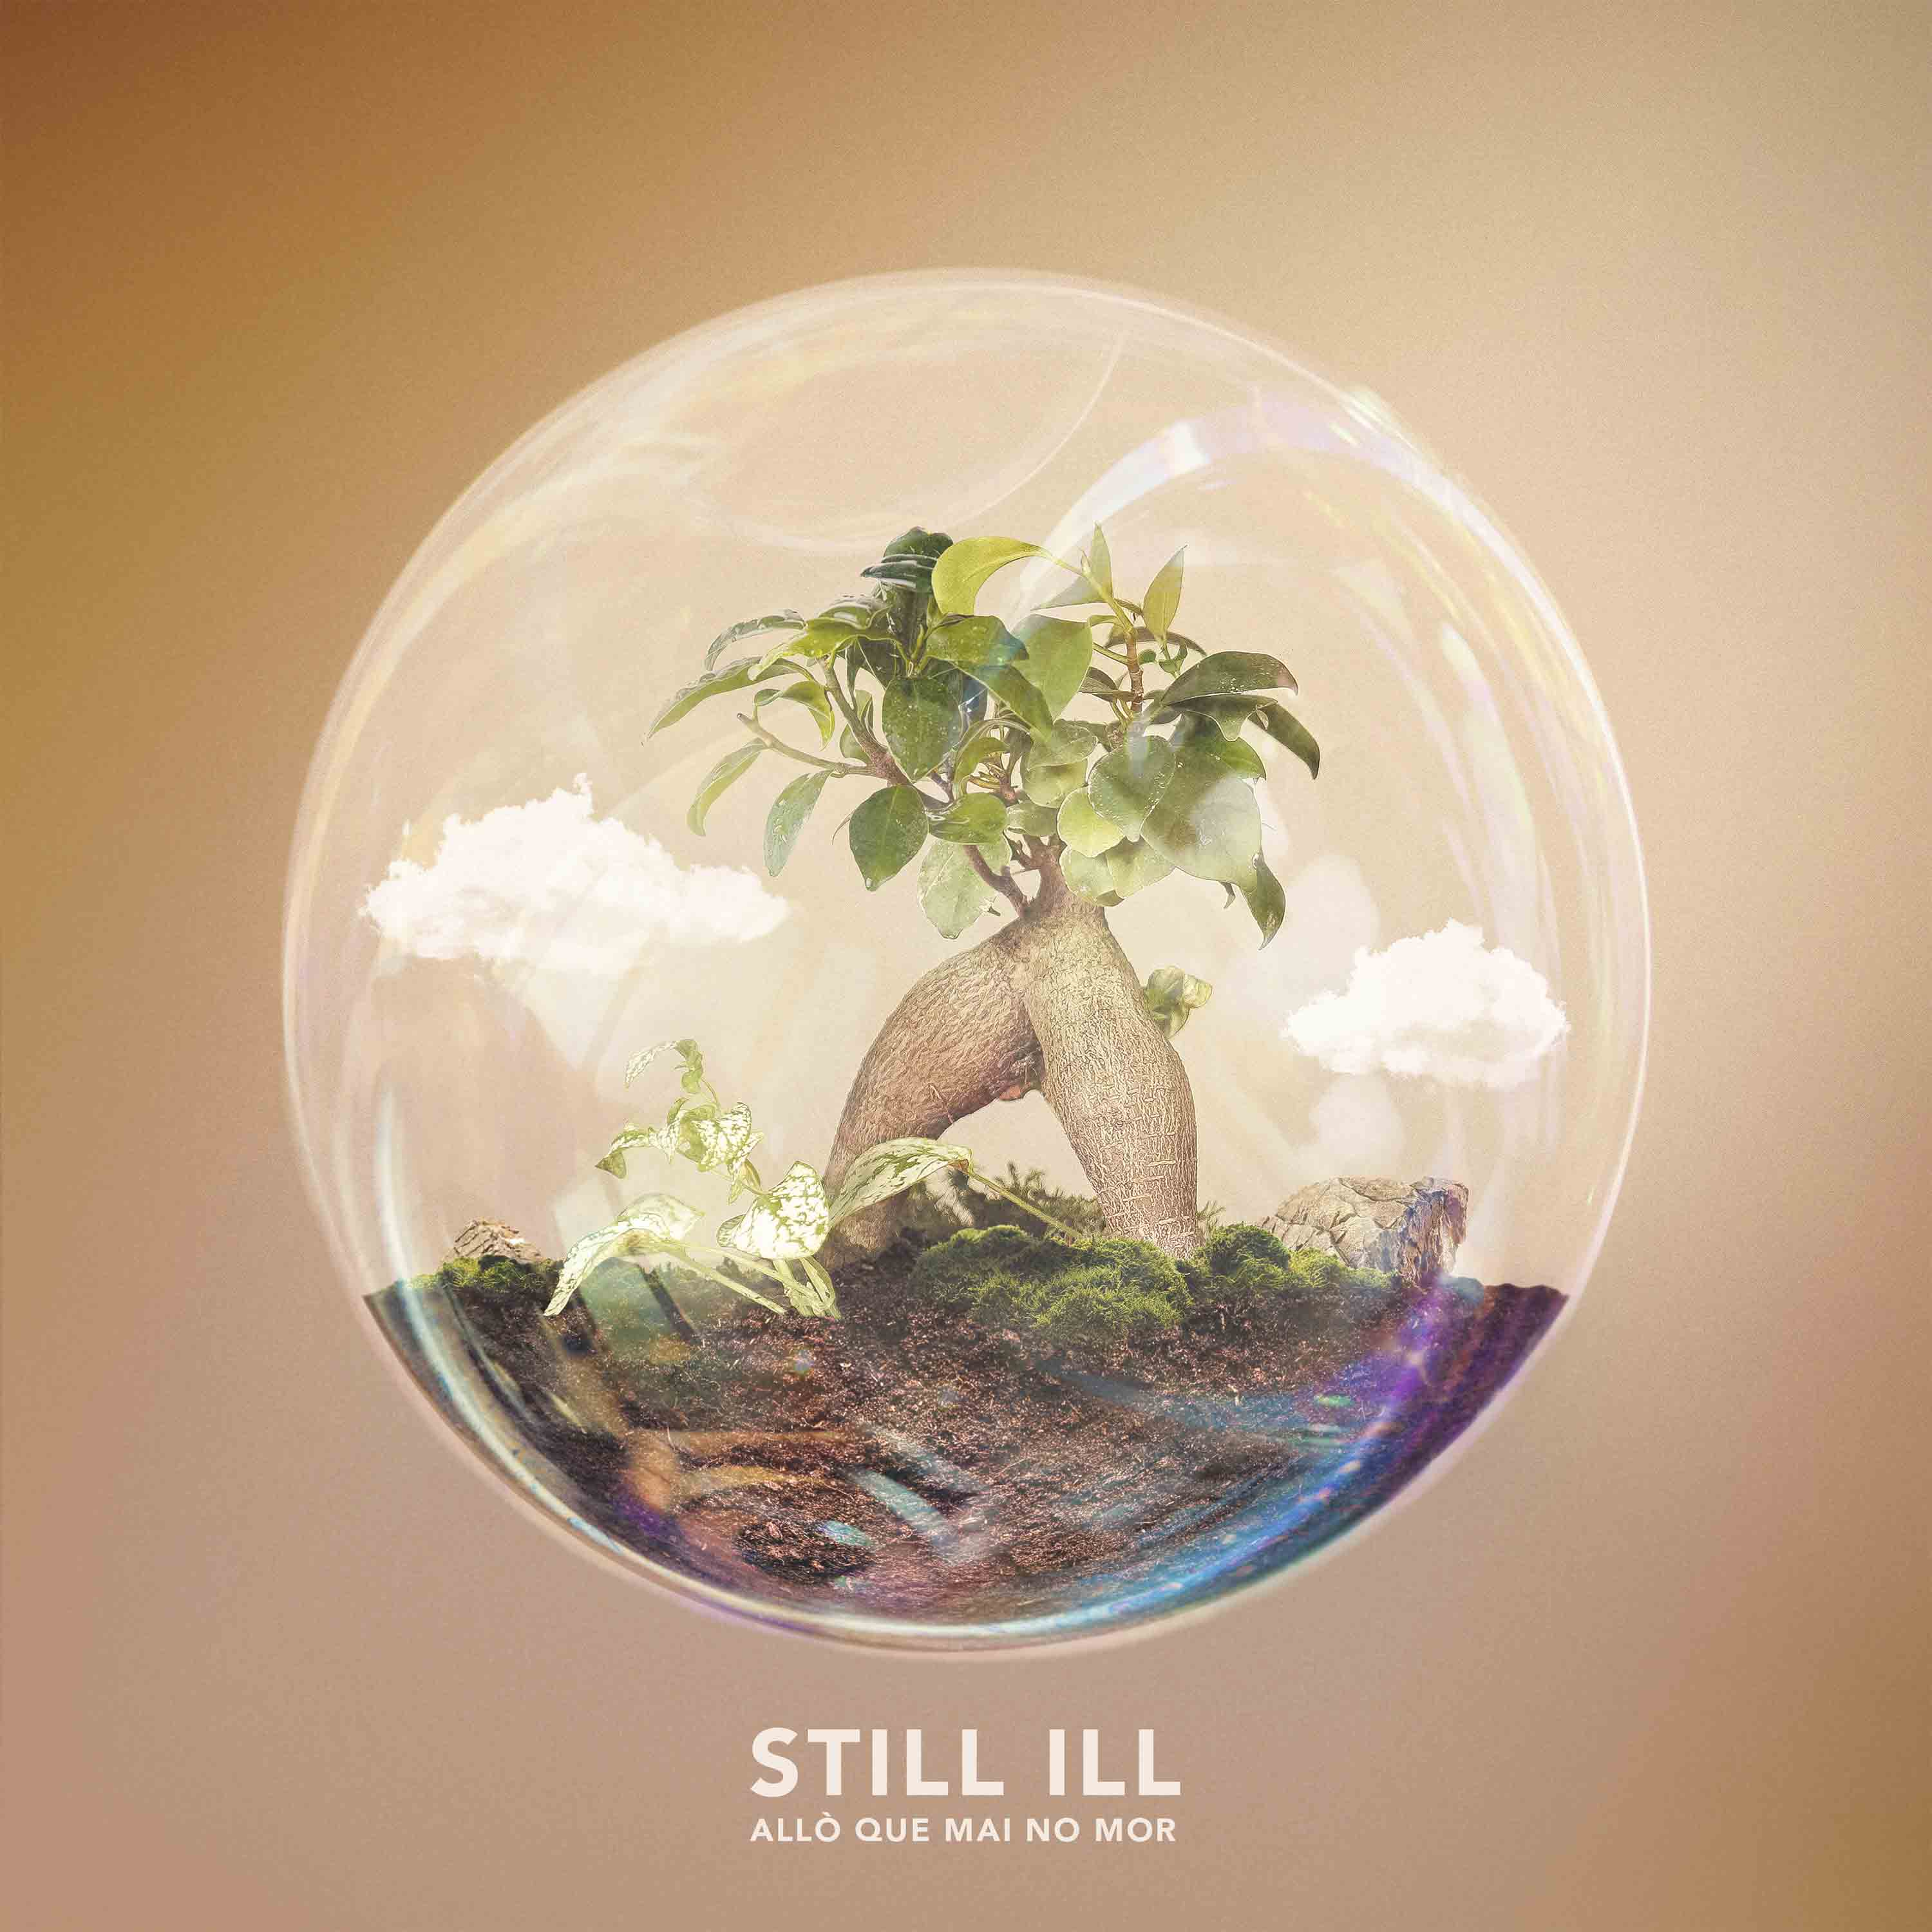 Still ill_Allo que mai no mor